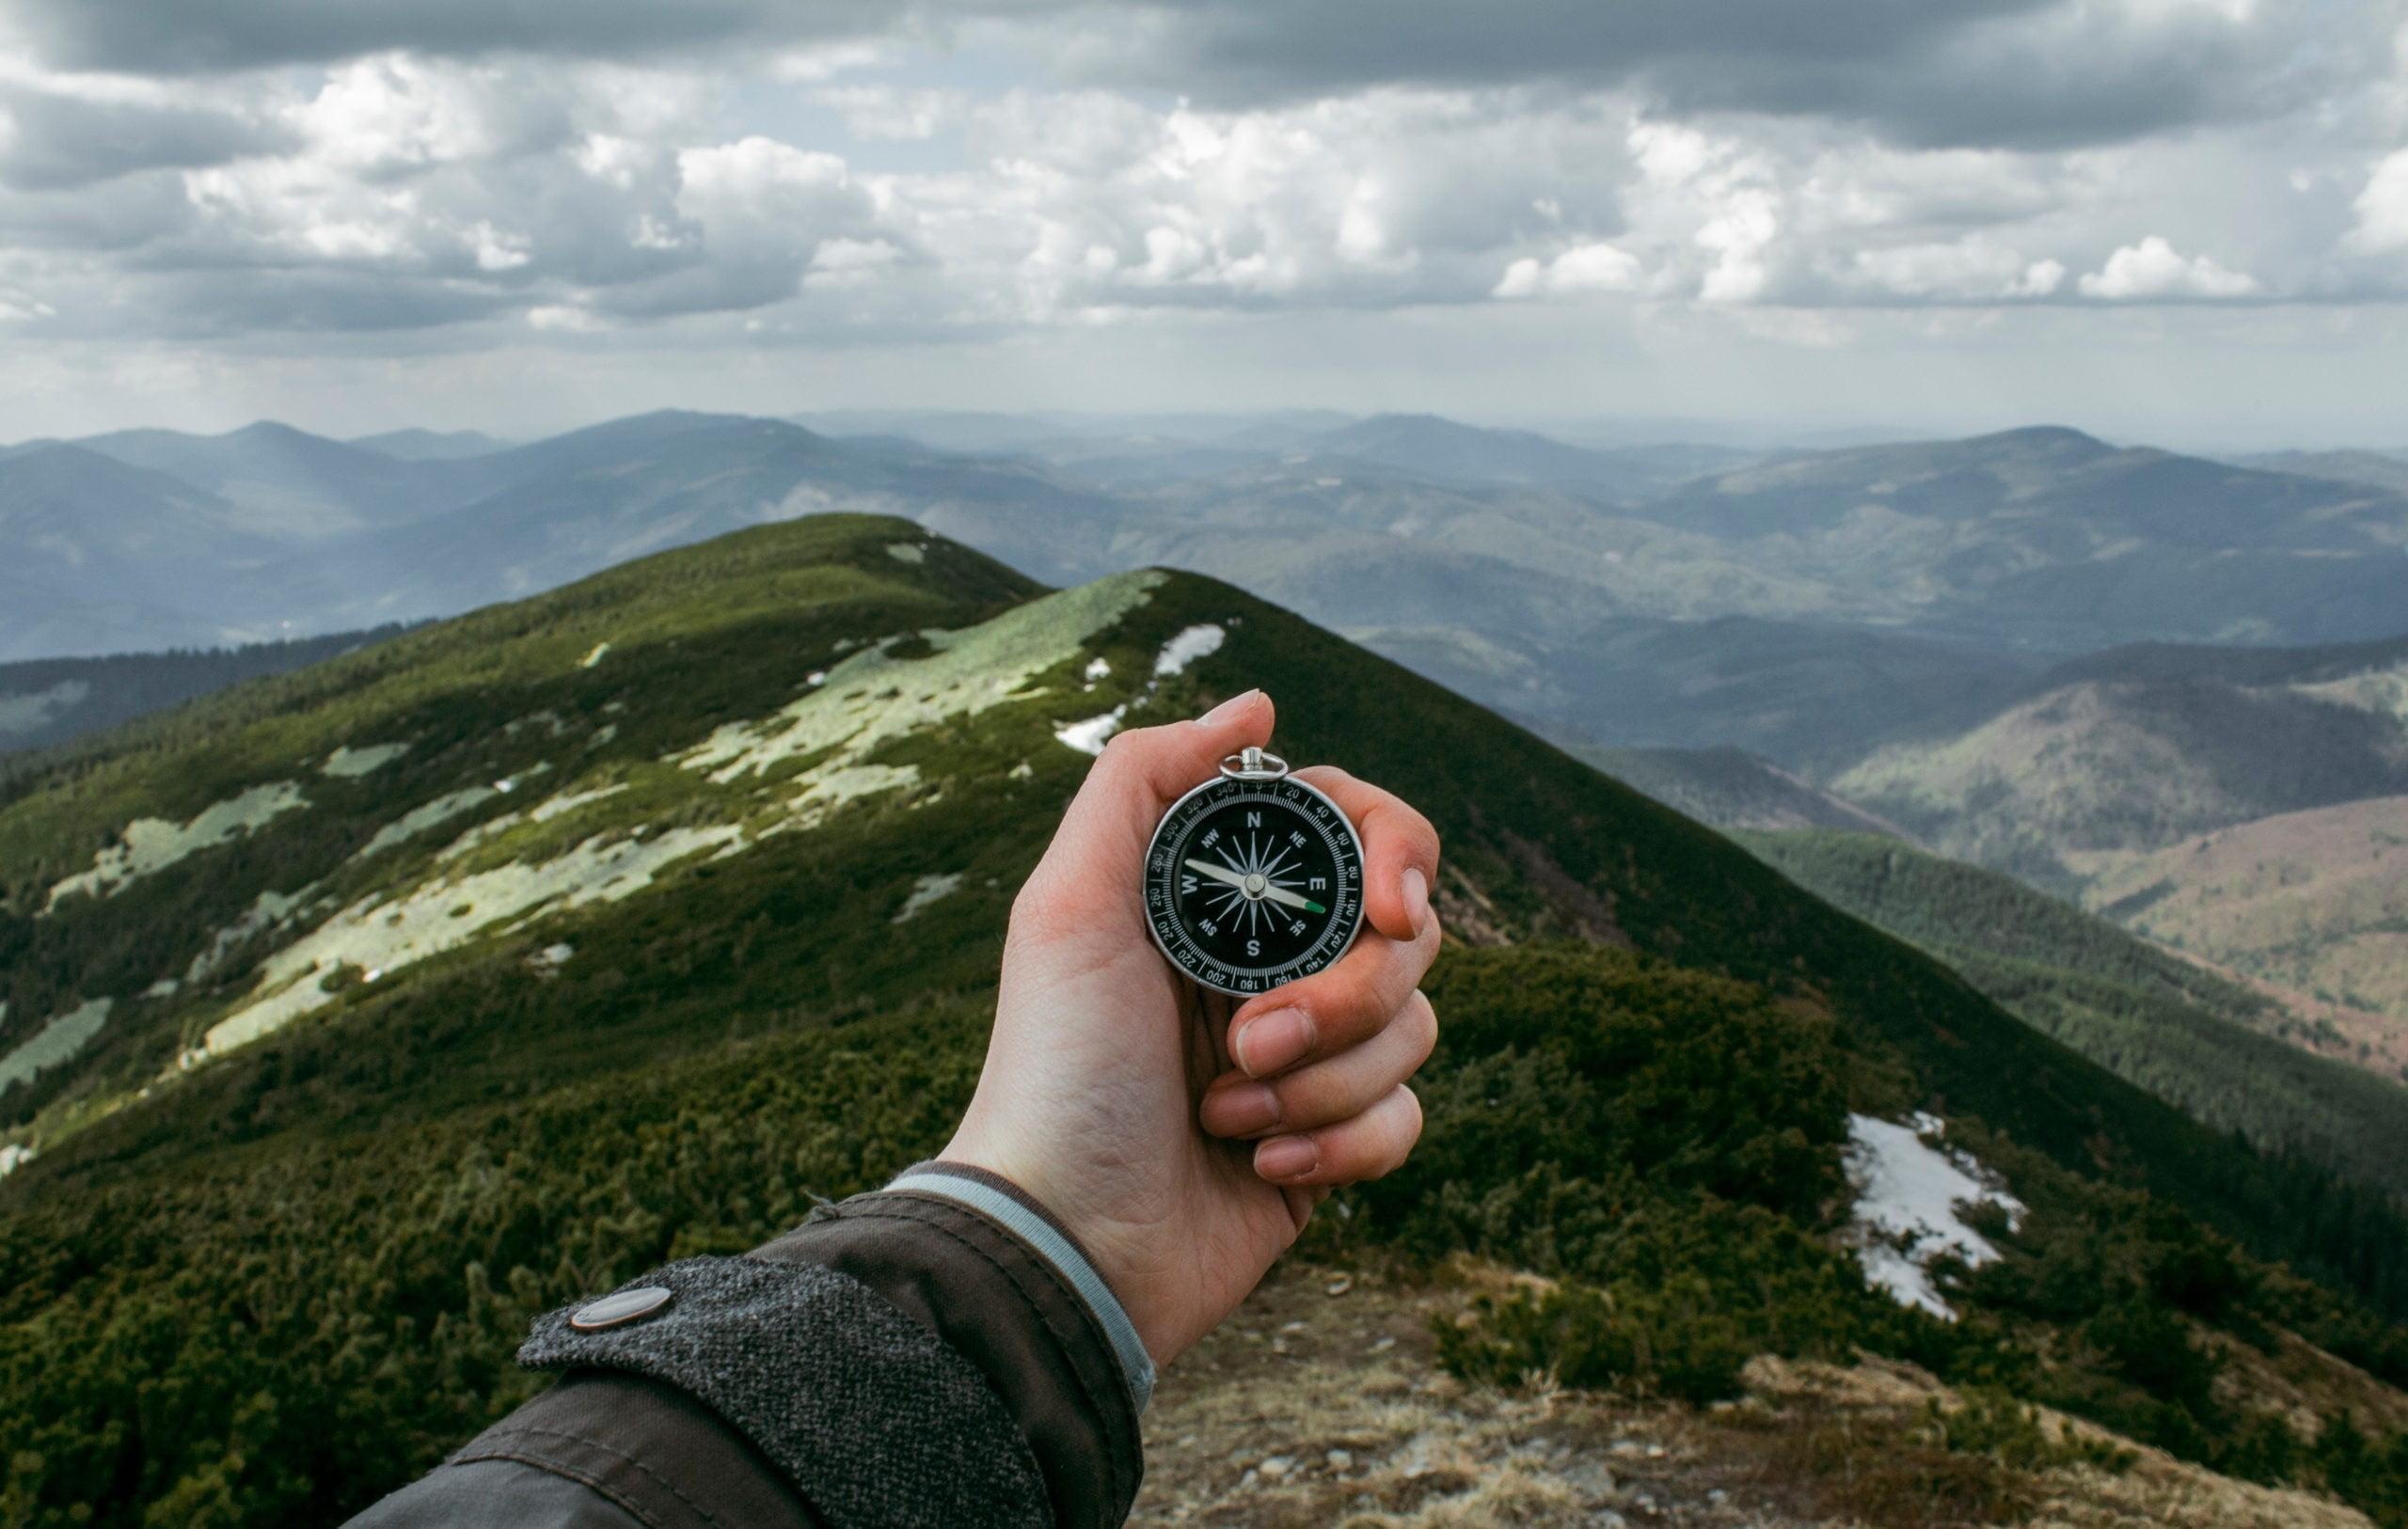 Ręka trzymająca kompas, mężczyzna w drodze na szczyt, szuka właściwego kierunku, właściwej drogi. swojej życiowej misji